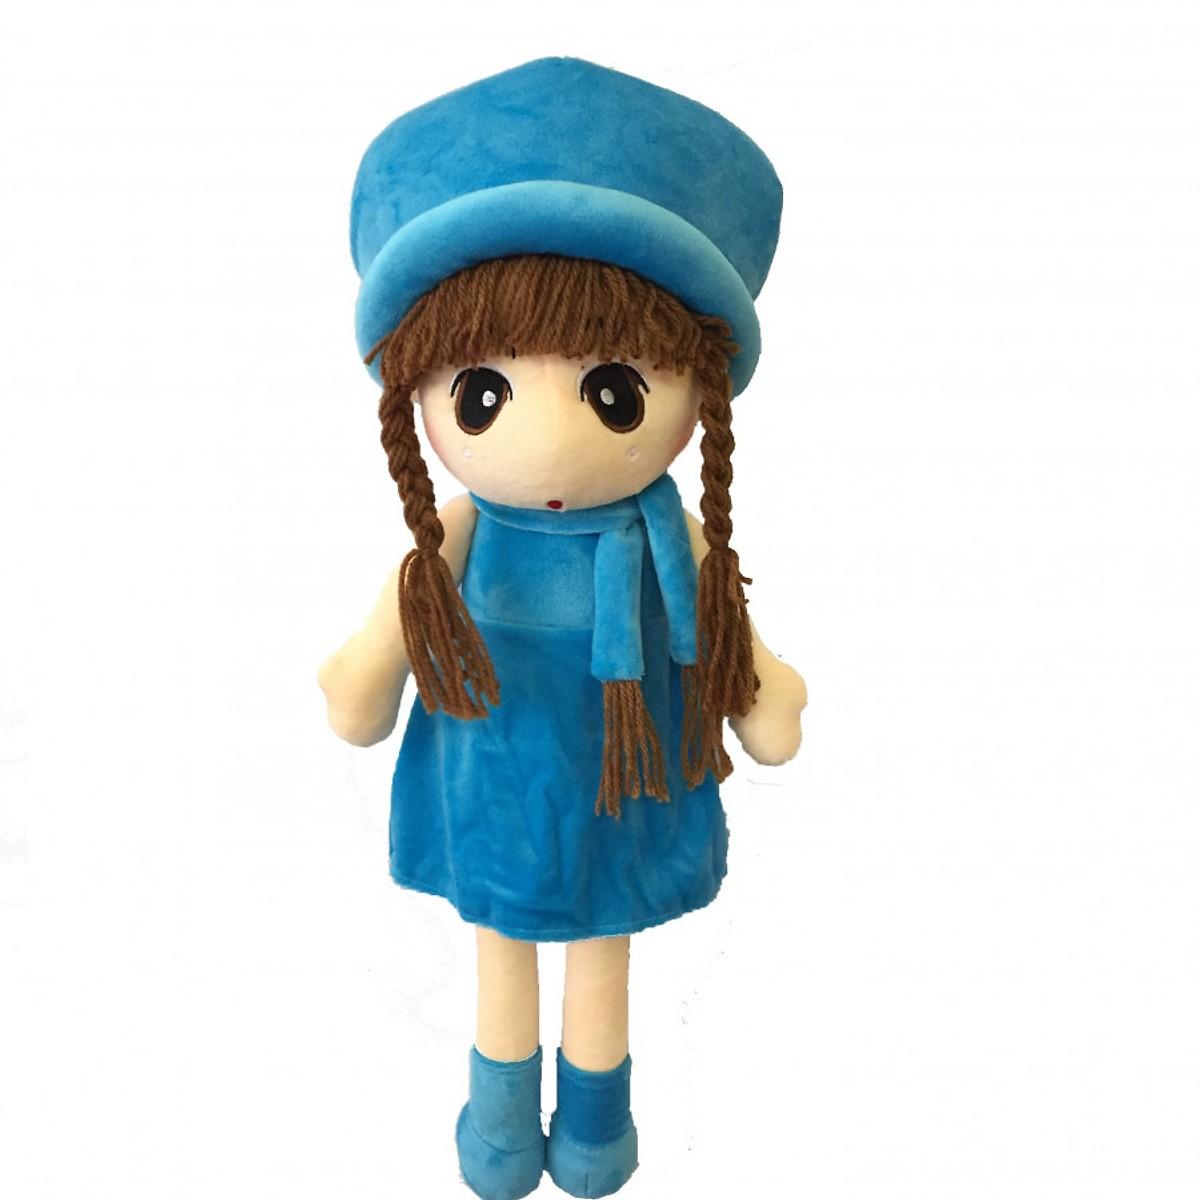 Búp bê đội nón - búp bê vải Việt Nam - giao màu ngẫu nhiên